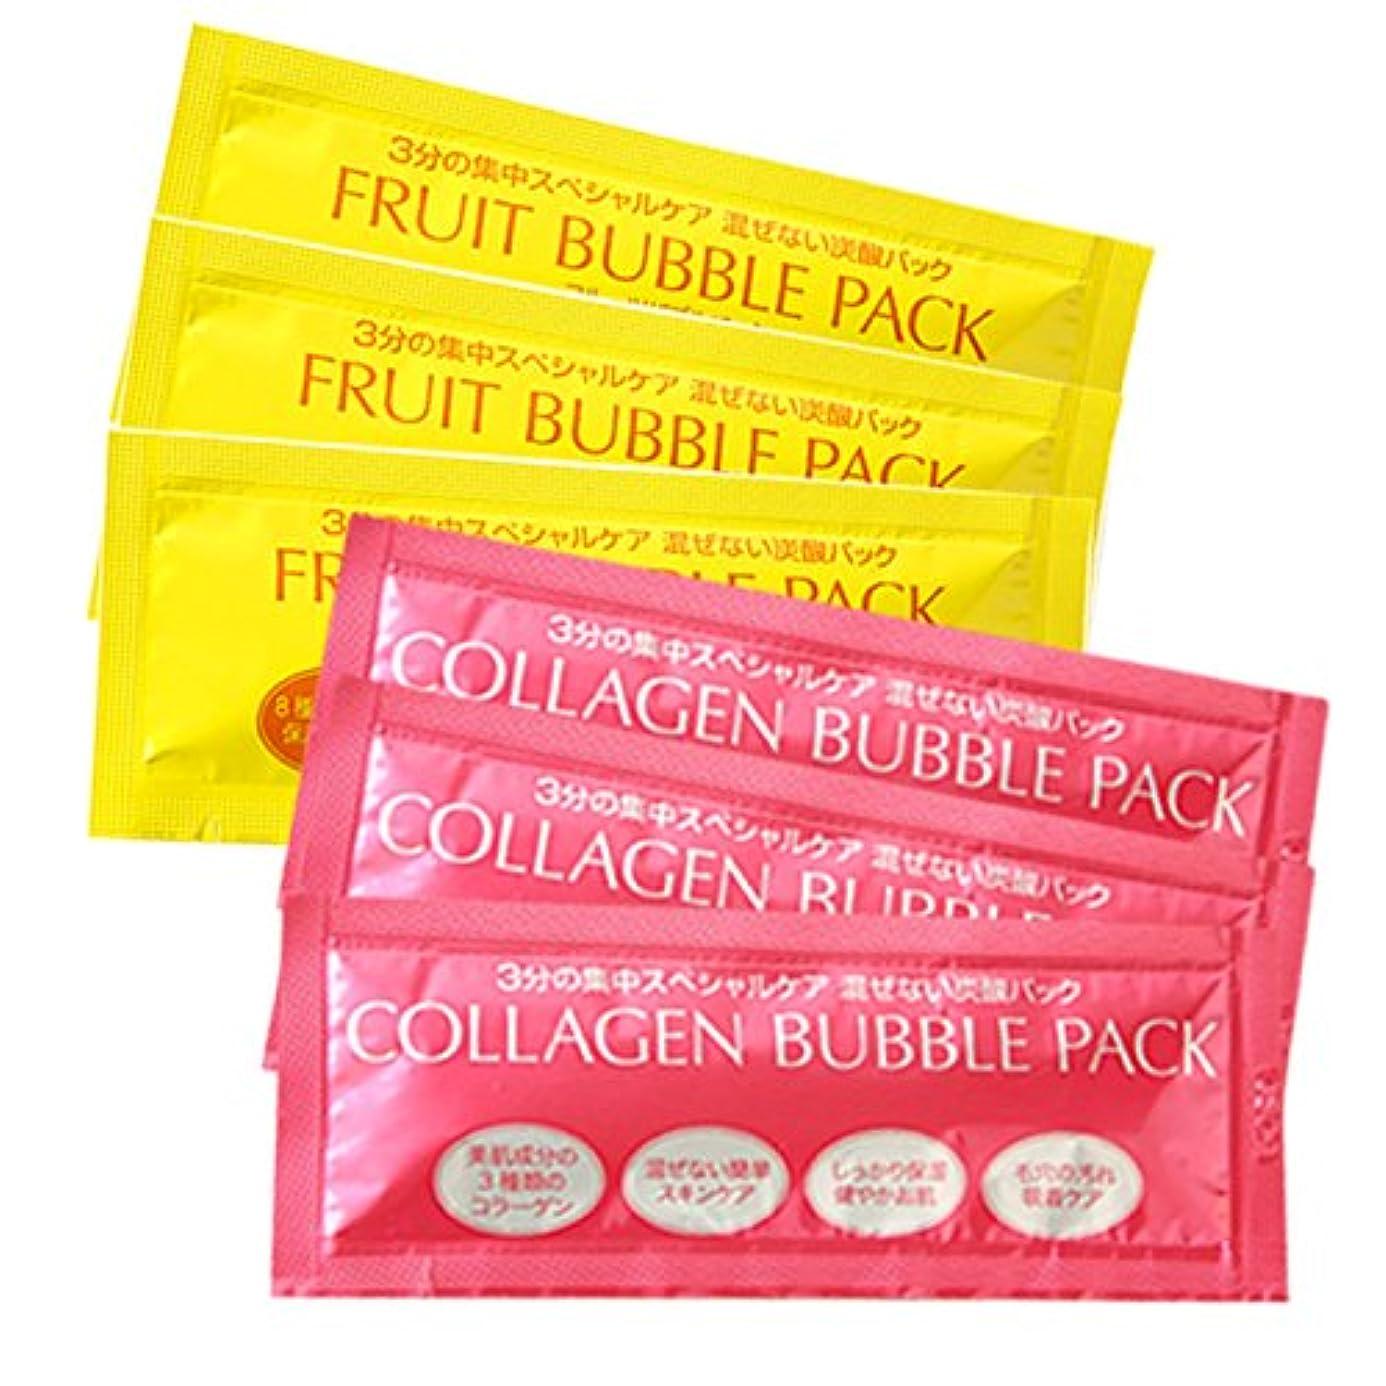 はねかけるアラブサラボ実用的無添加 炭酸パック (コラーゲン3枚+フルーツ3枚)